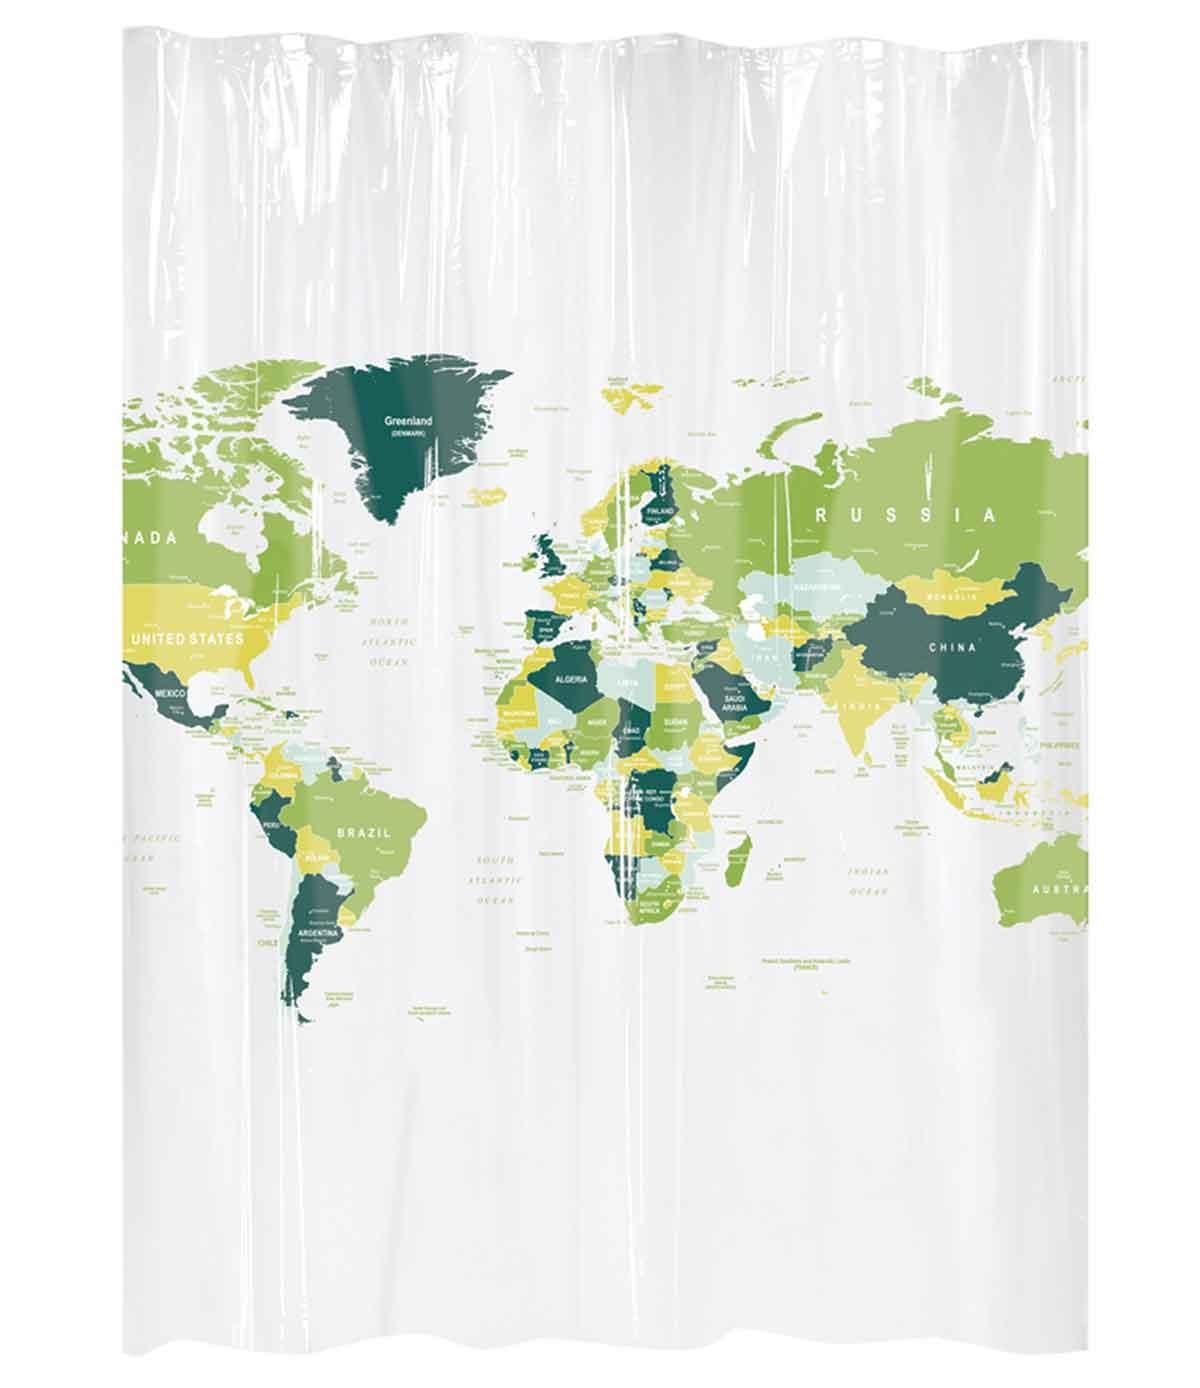 Rideau de douche carte du monde vert blanc homebain vente en ligne rideaux de douche - Rideau de douche carte du monde ...